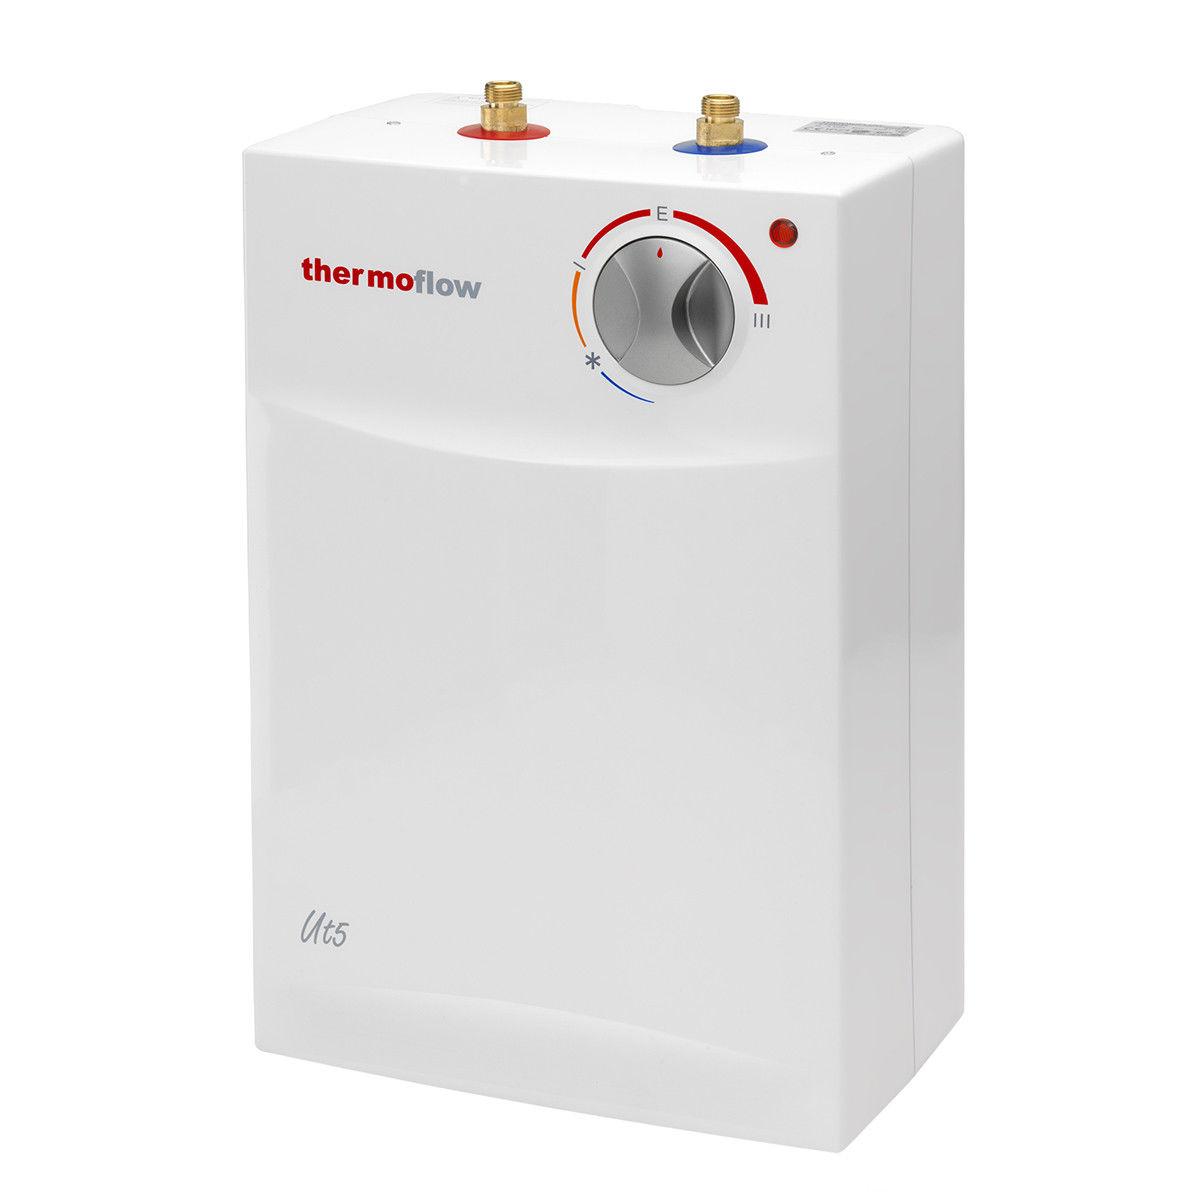 Boiler Küche 17 Liter Stromverbrauch  Milk Boiler - 17 Liters